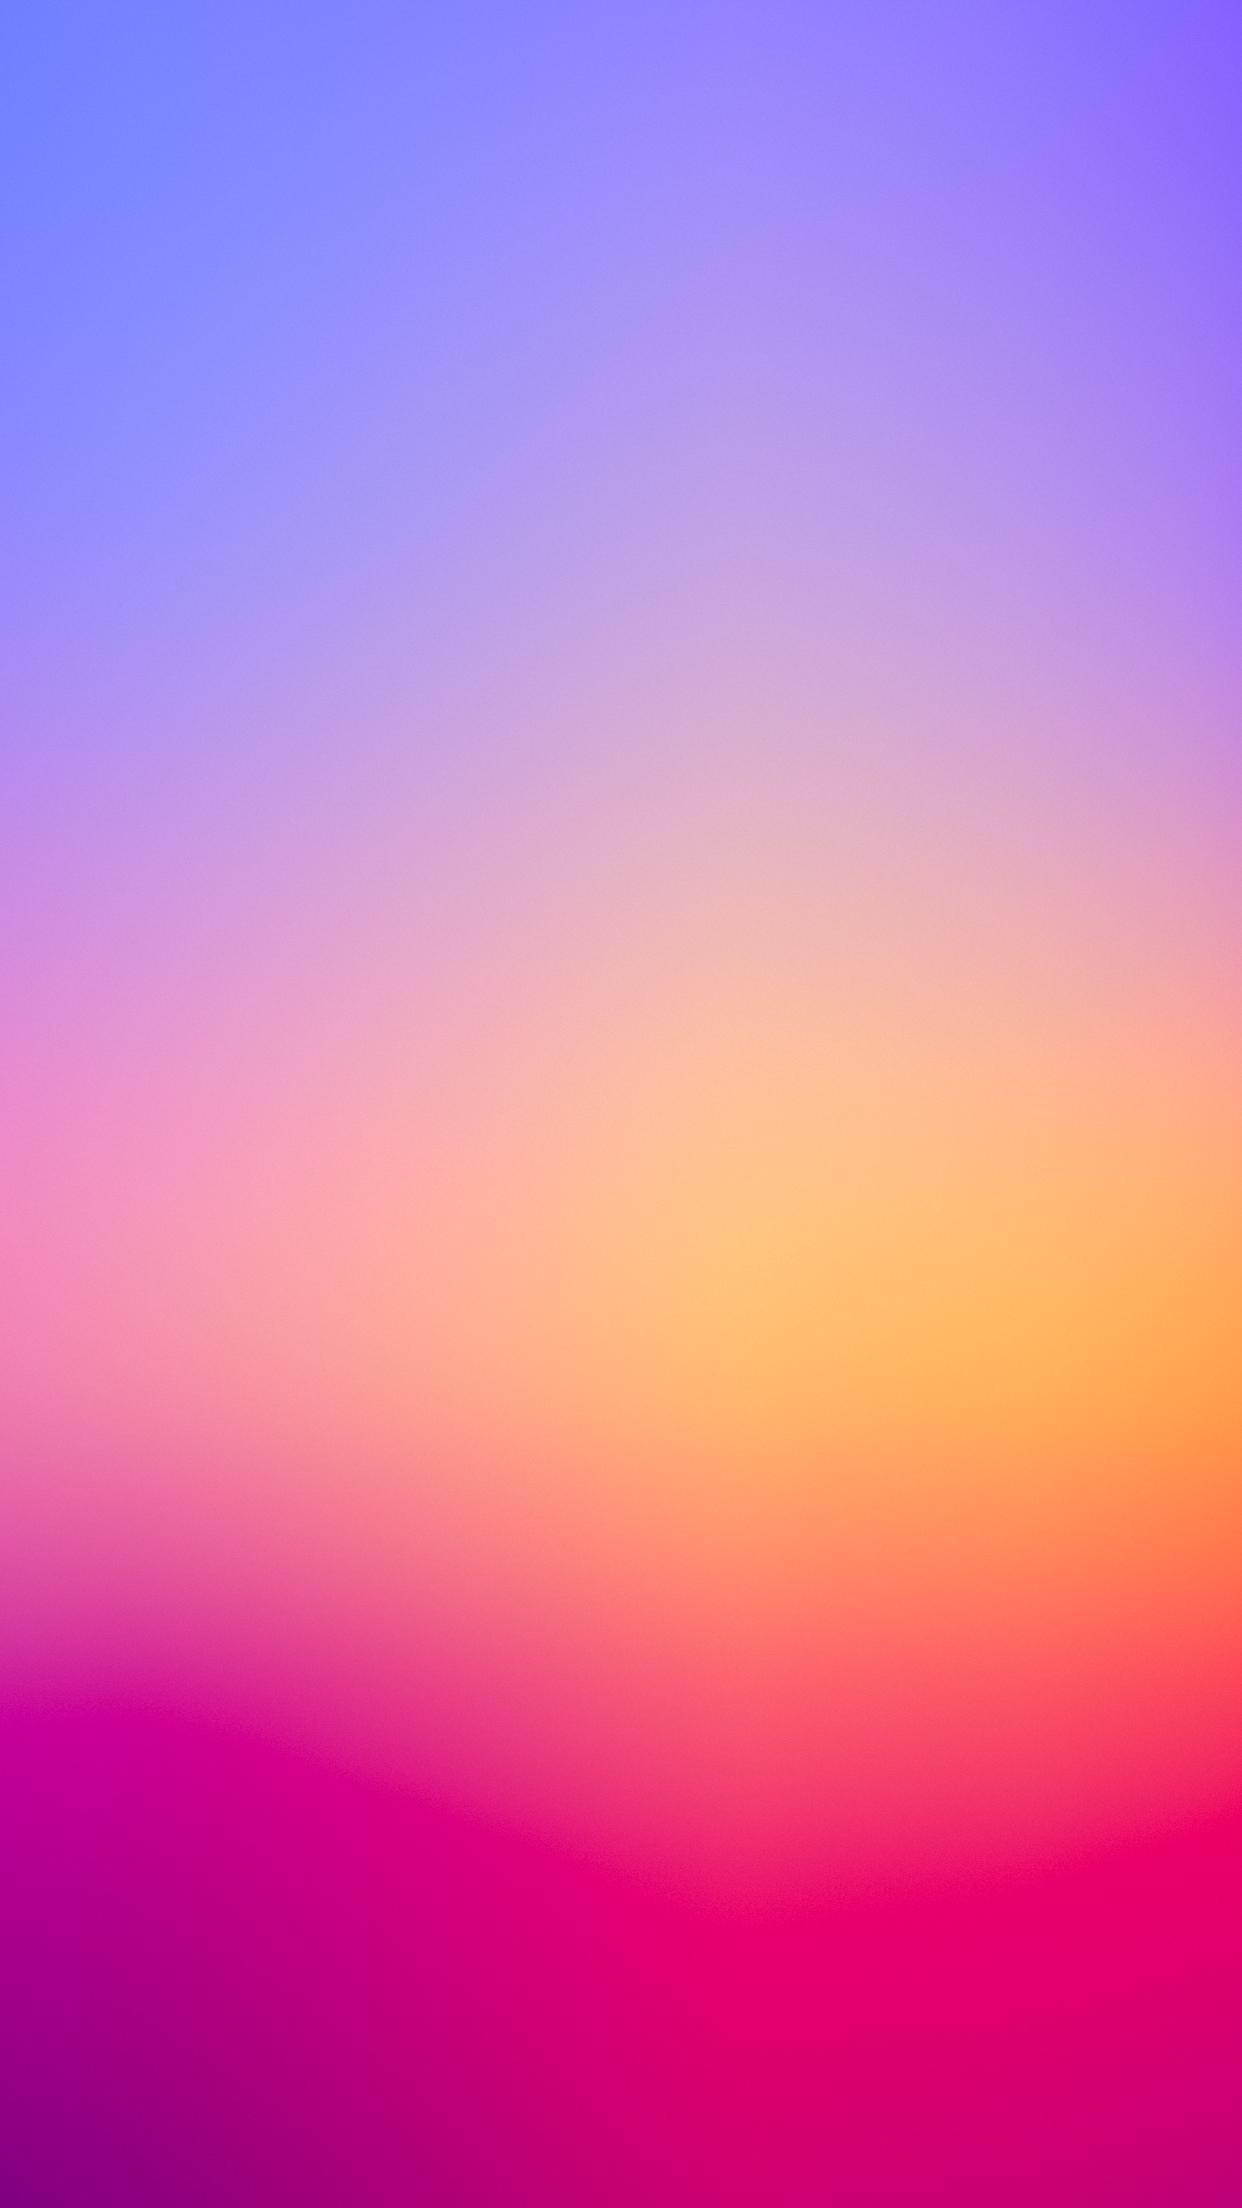 Fond D Ecran Flou Colore Verticale Affichage Du Portrait 1242x2208 Baconadmin 1182472 Fond D Ecran Wallhere